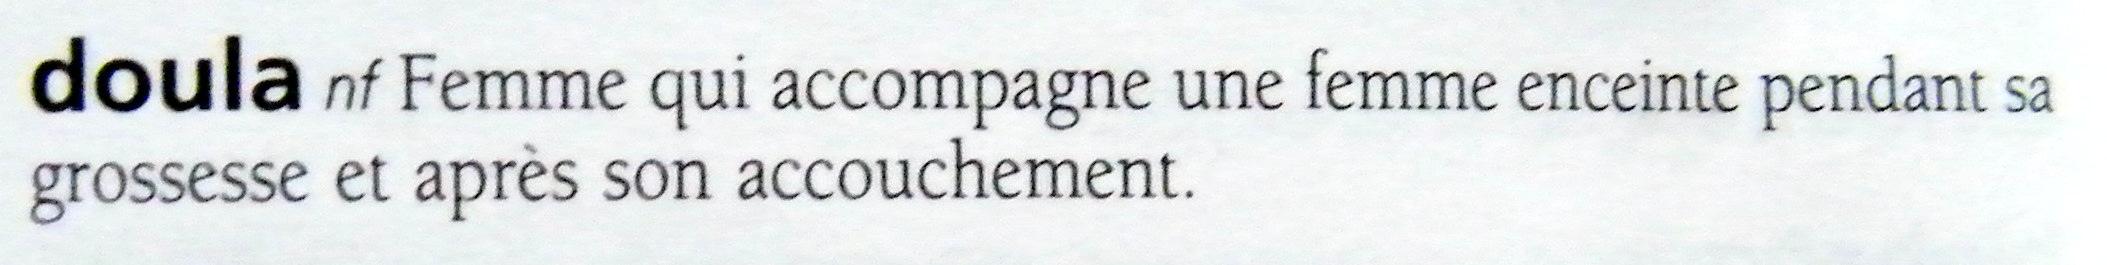 Définition doula Hachette